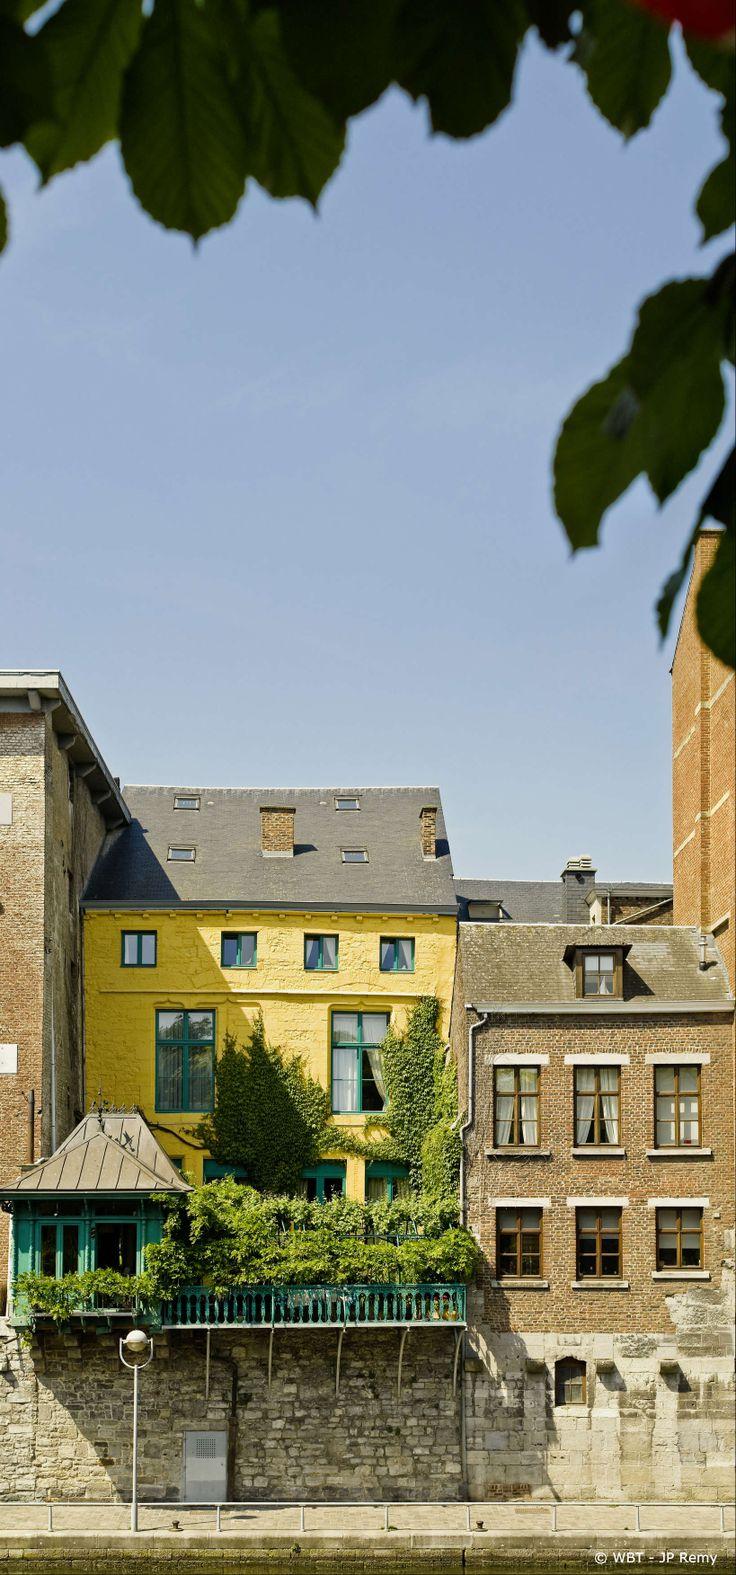 House along the Sambre River, Namur (Belgium)